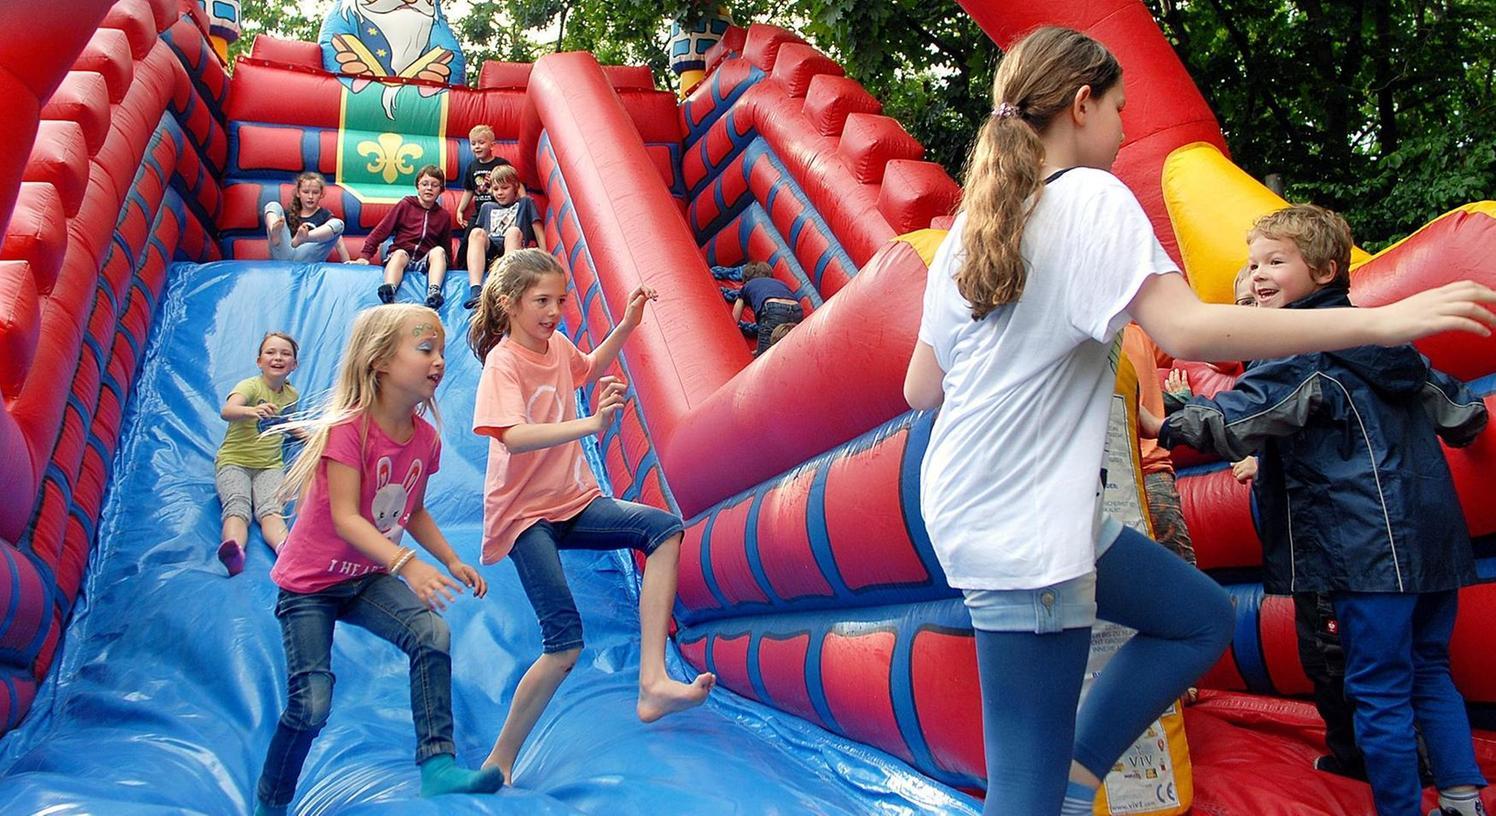 Beim Bürgerfest in Buckenhof konnten sich auch die Kinder des Ortes richtig austoben.